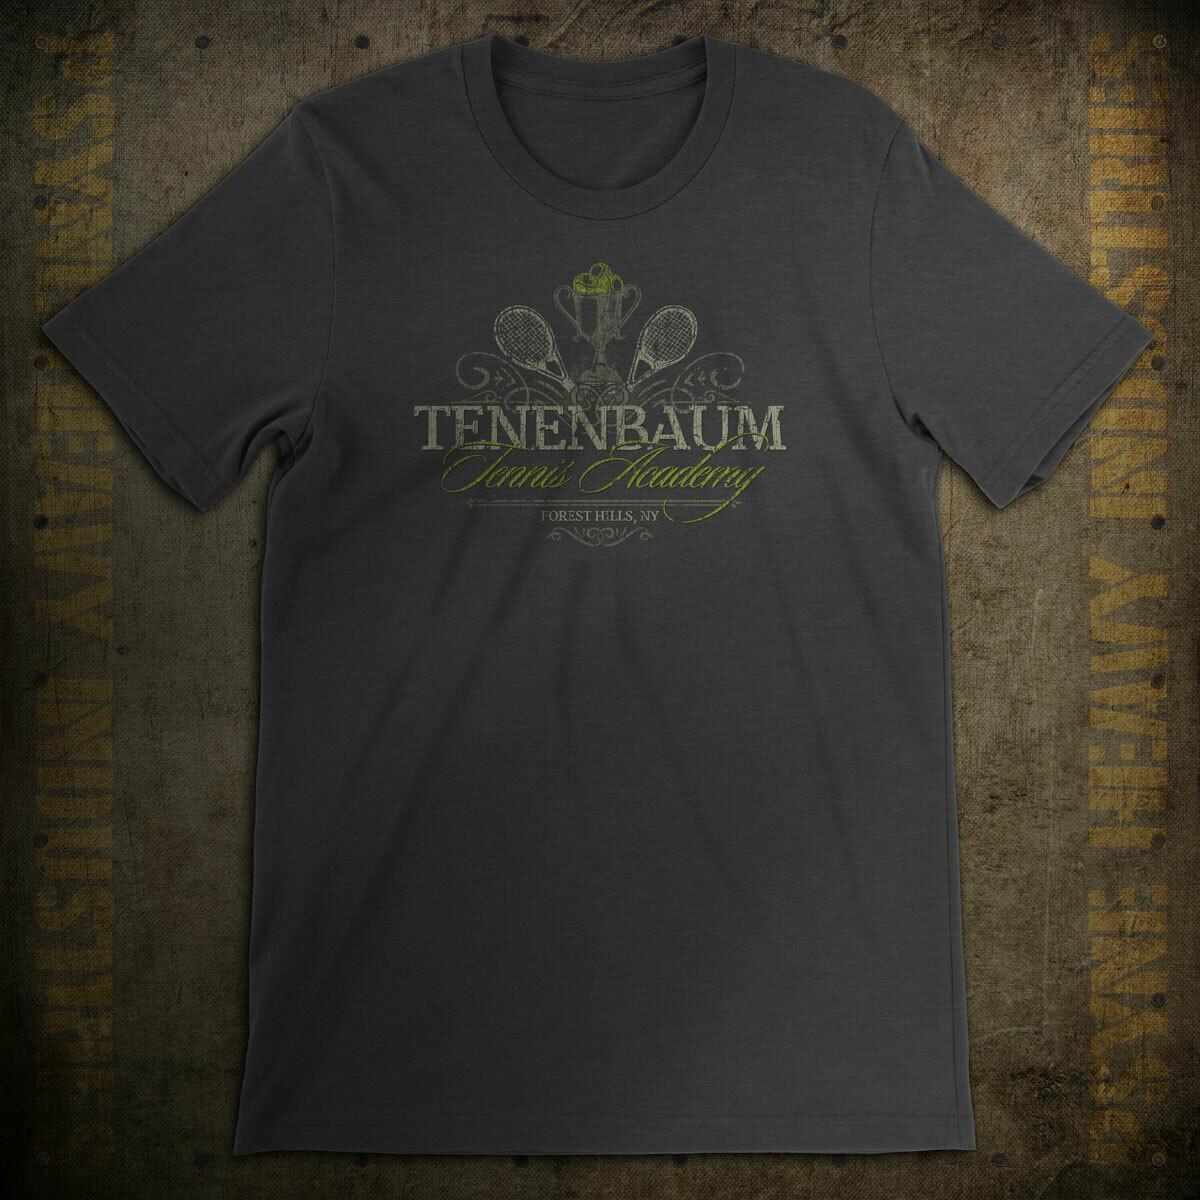 Tenenbaum Tennis Academy Vintage T-Shirt